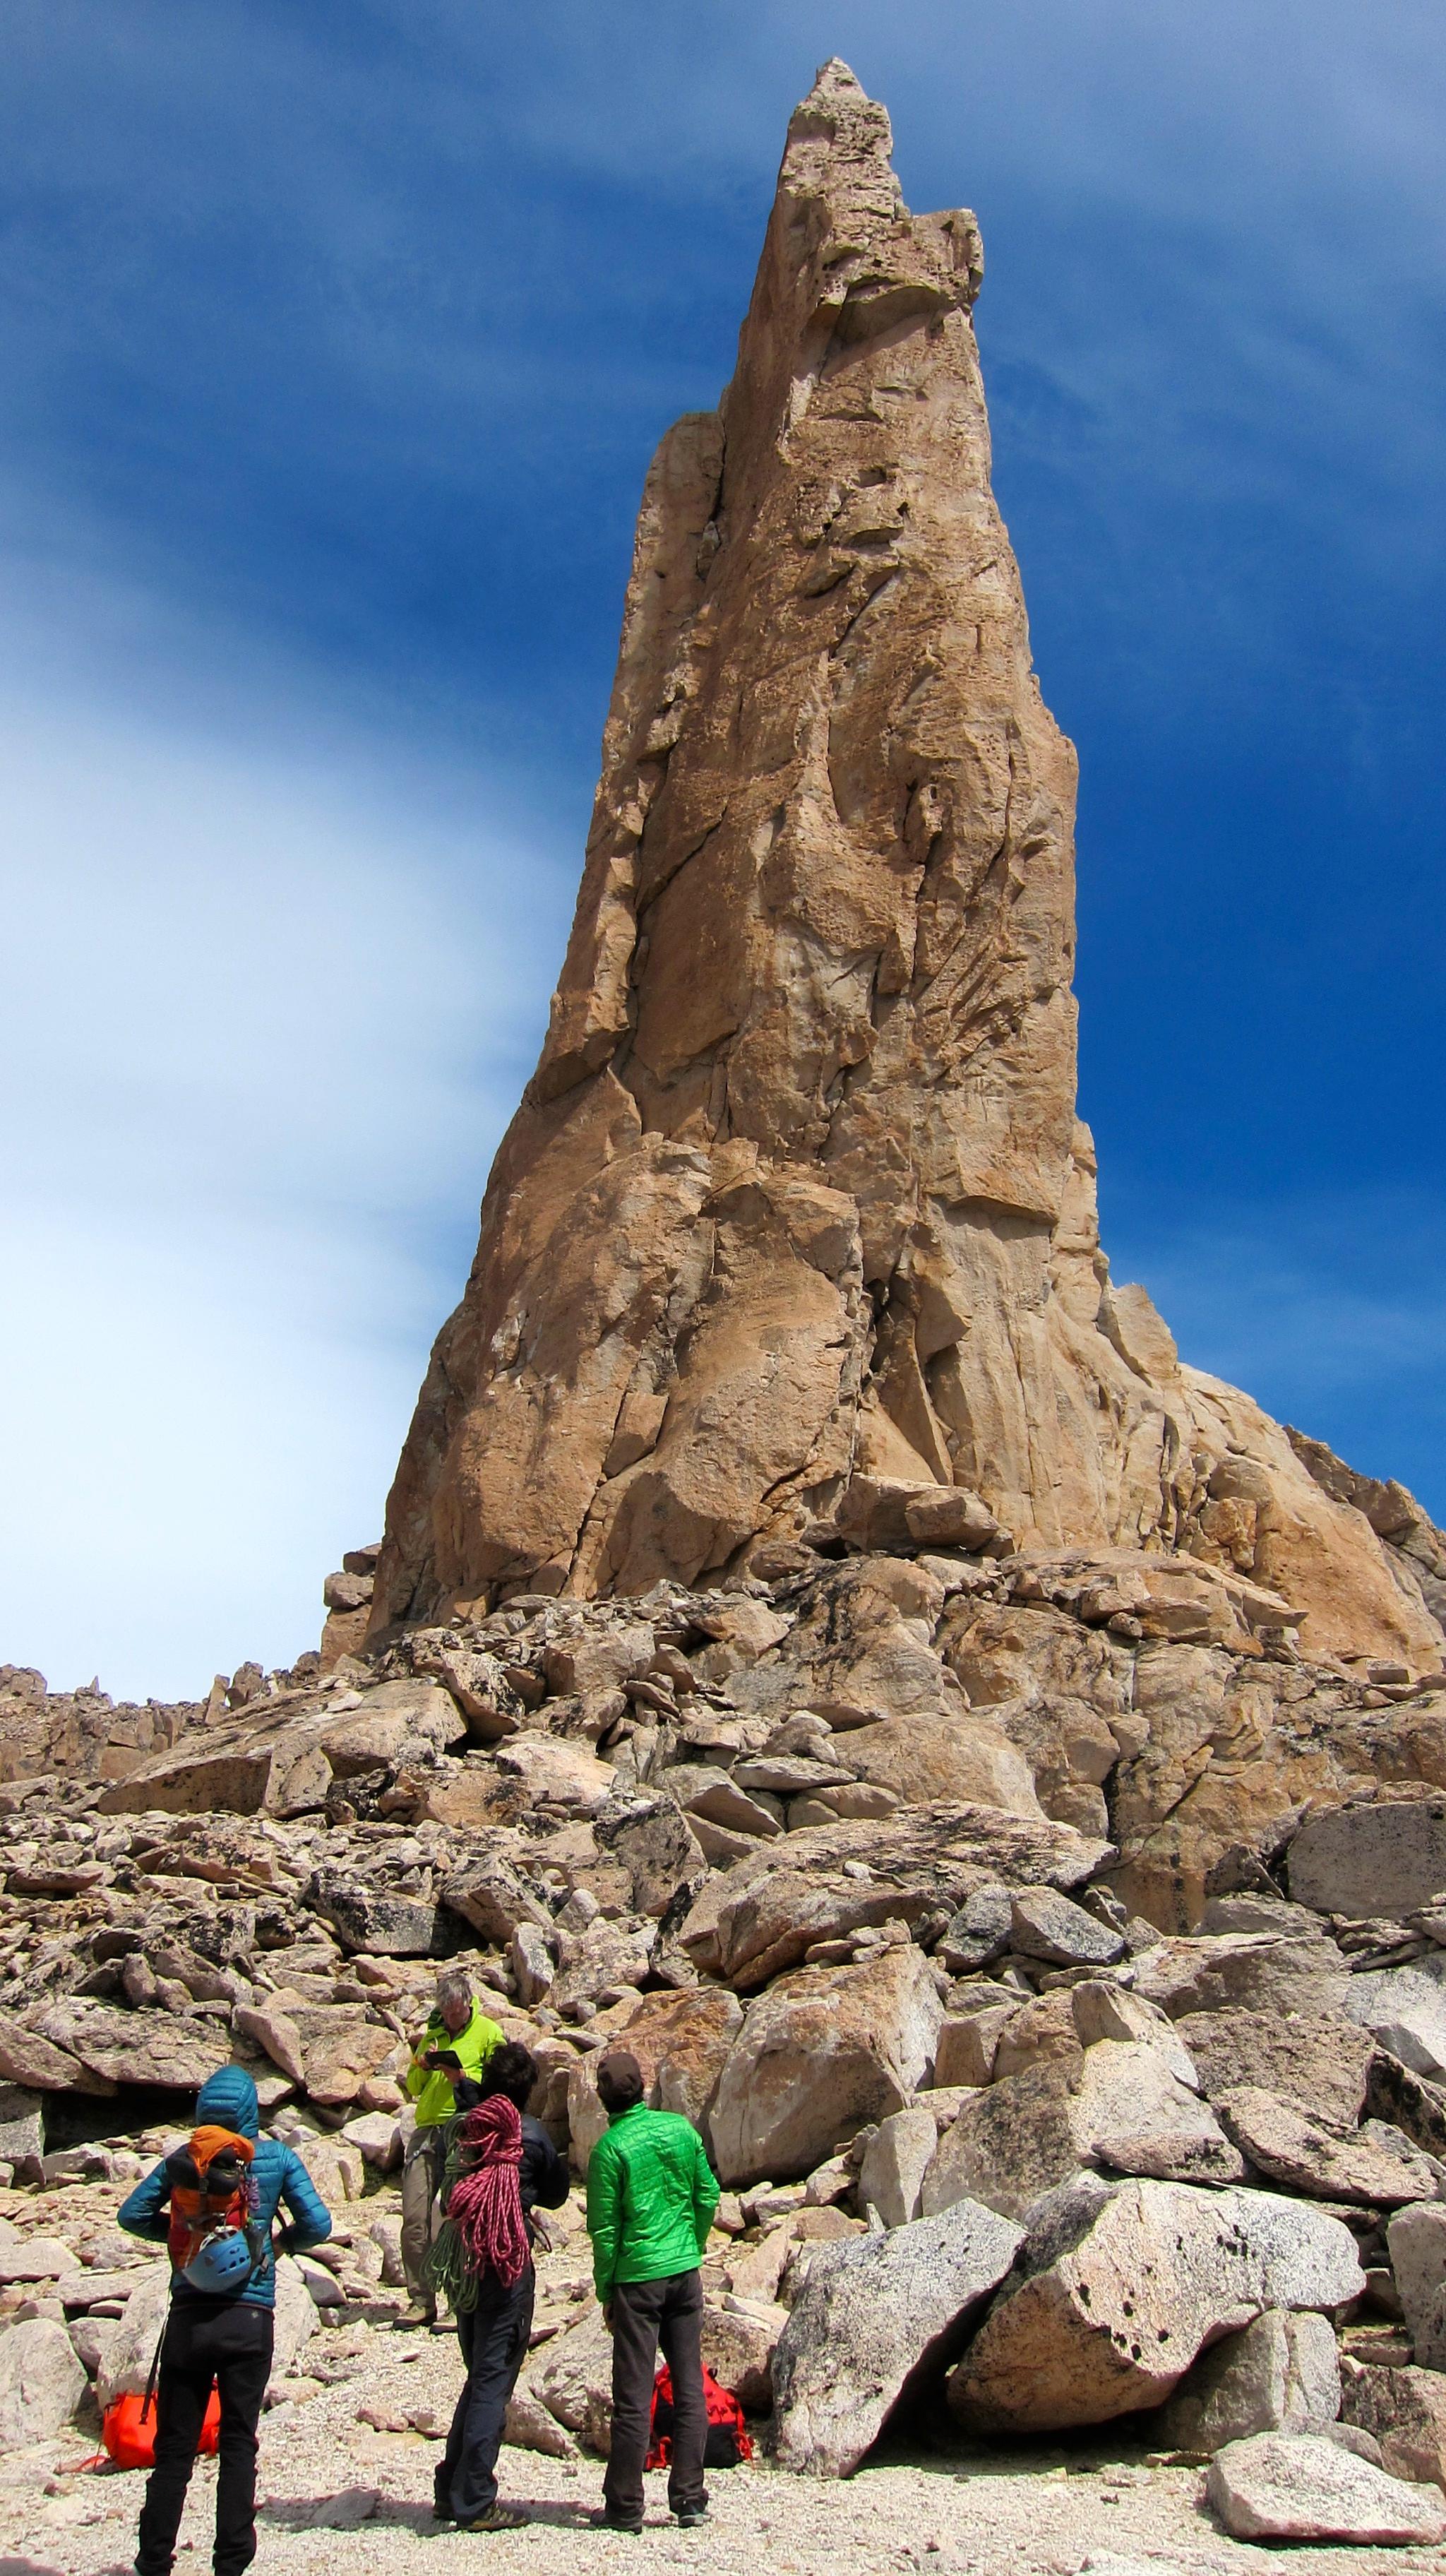 climbing guide Bariloche, uiagm mountain guides, climbing, Bariloche, refugio Frey, rock climbing, guide